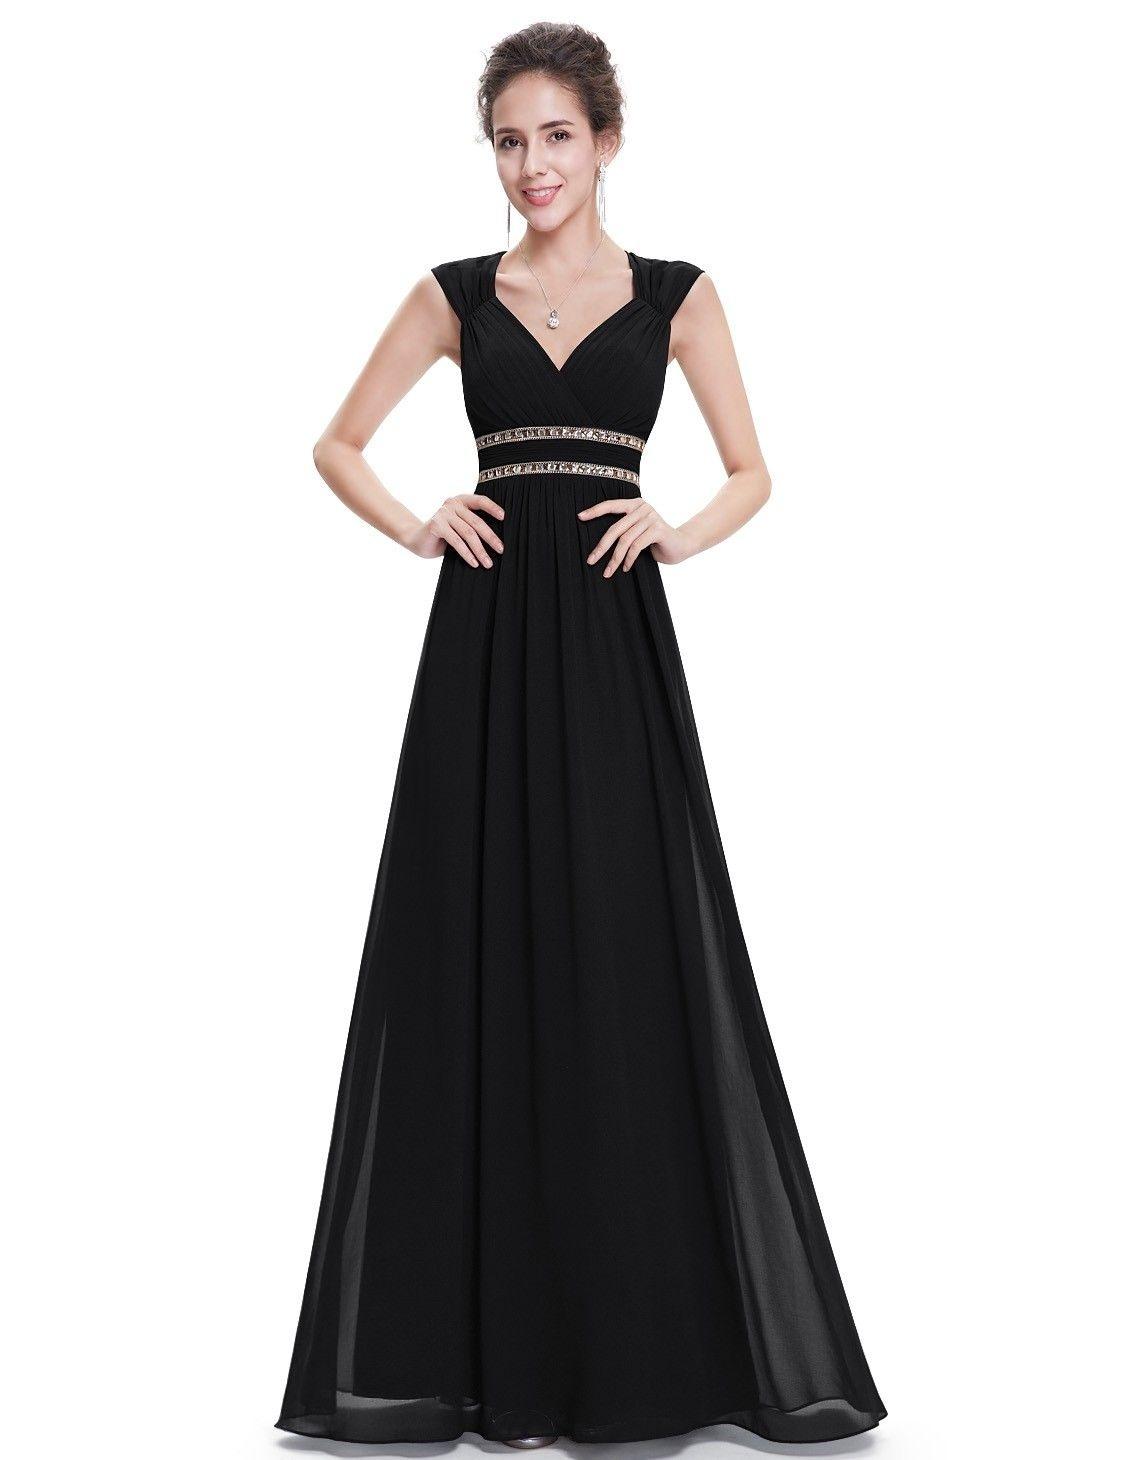 Designer Einfach Langes Abendkleid Schwarz Spezialgebiet Genial Langes Abendkleid Schwarz für 2019